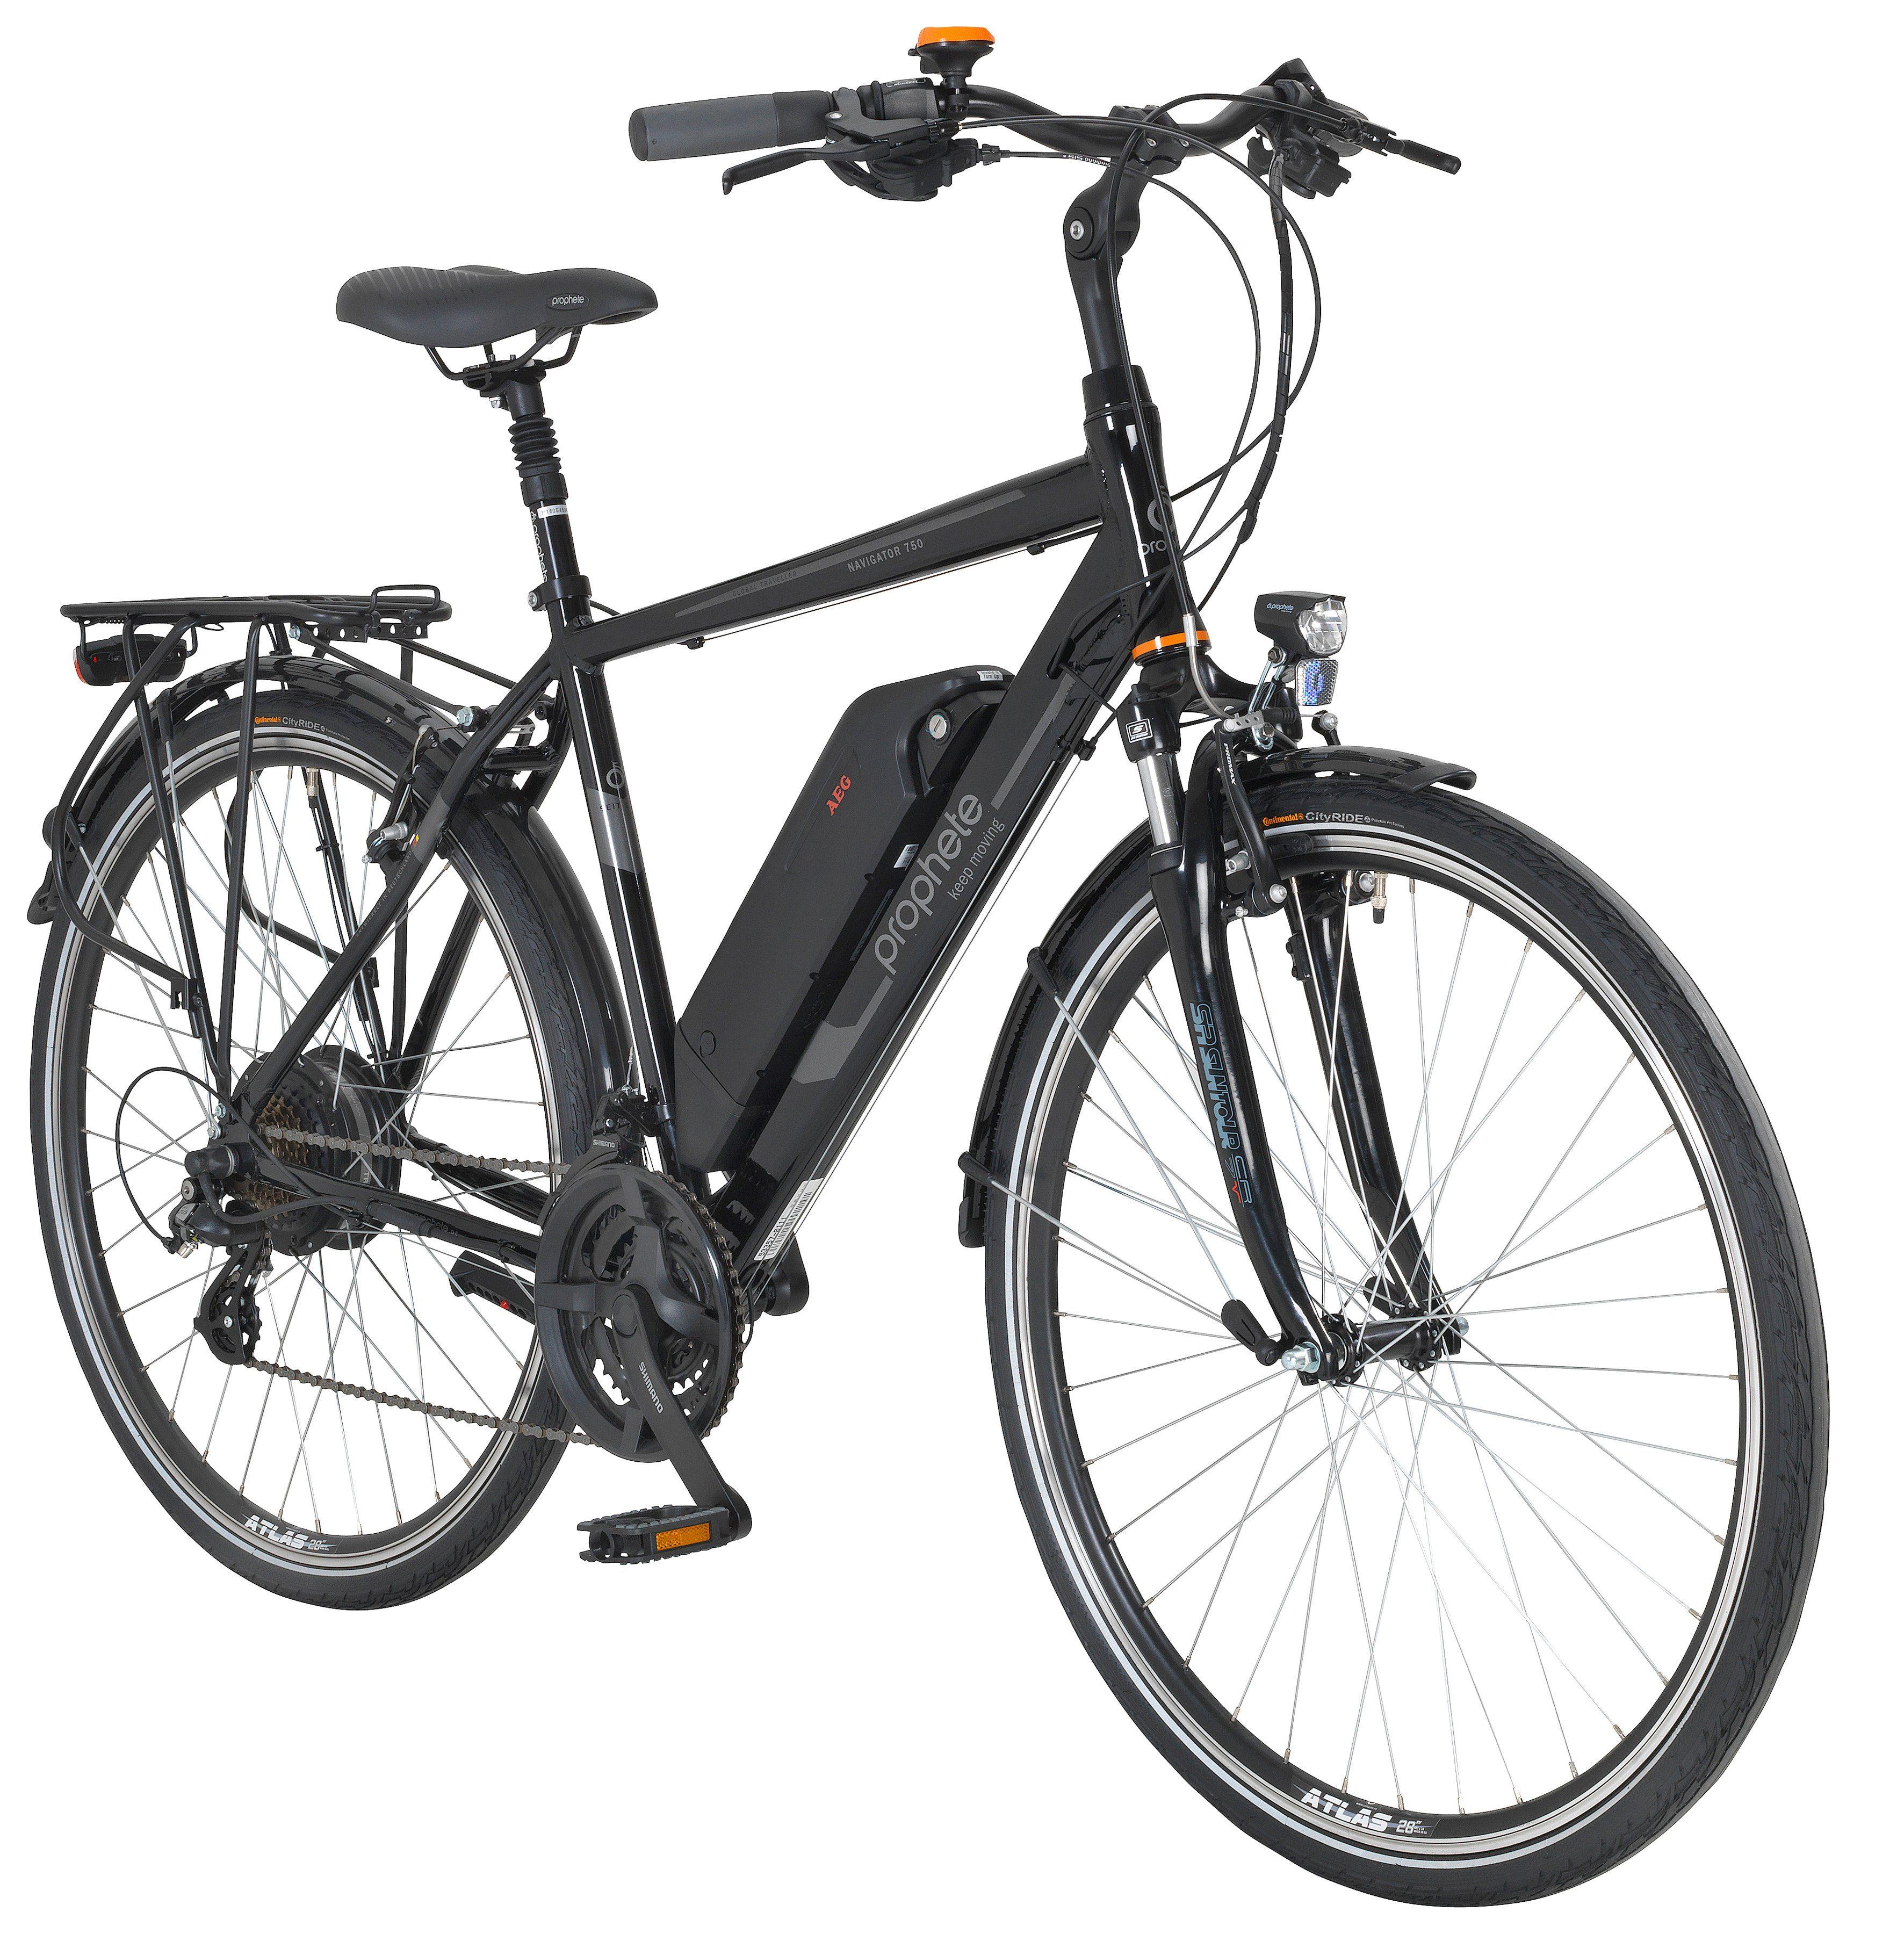 PROPHETE E-Bike Trekking Herren »Navigator 750«, 28 Zoll, 24 Gang, Heckmotor, 374 Wh